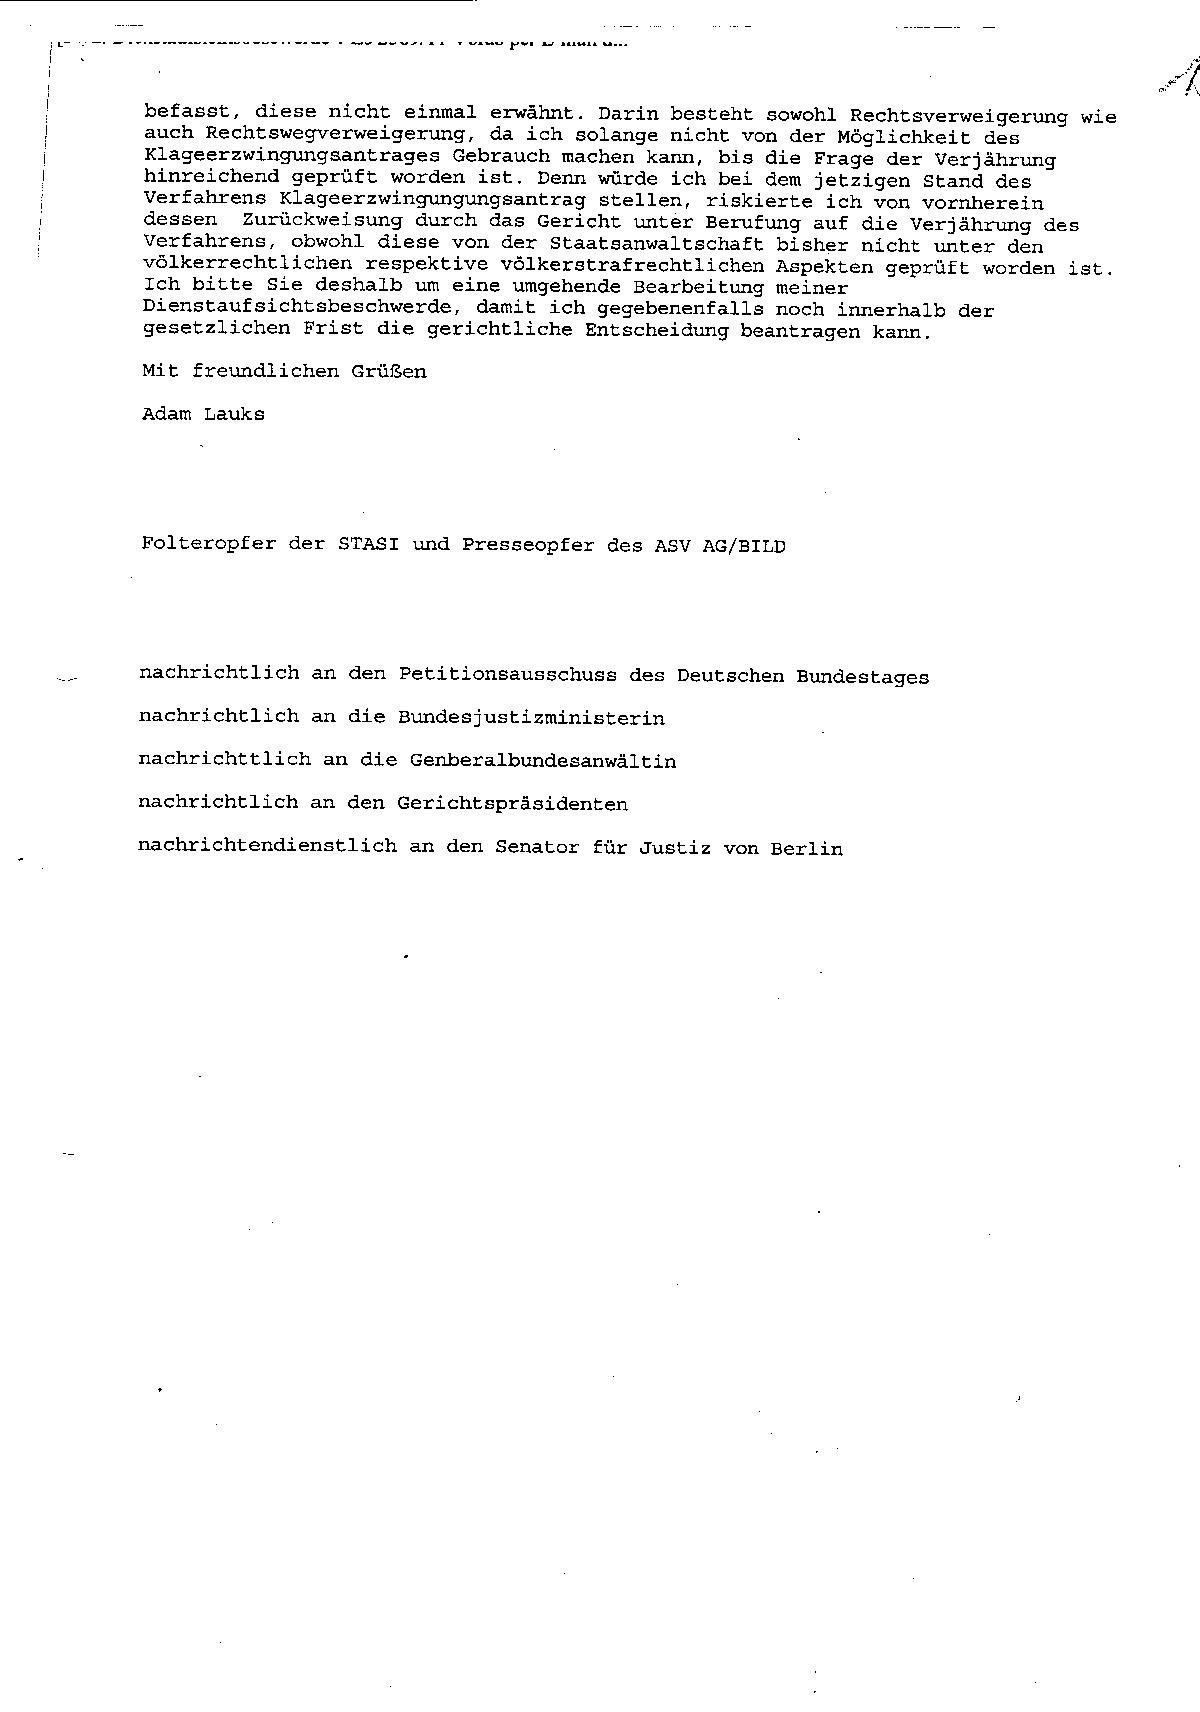 Ermittlungsverfahren auf Strafantrag wg. Folter 272 Js 2215 -11 025